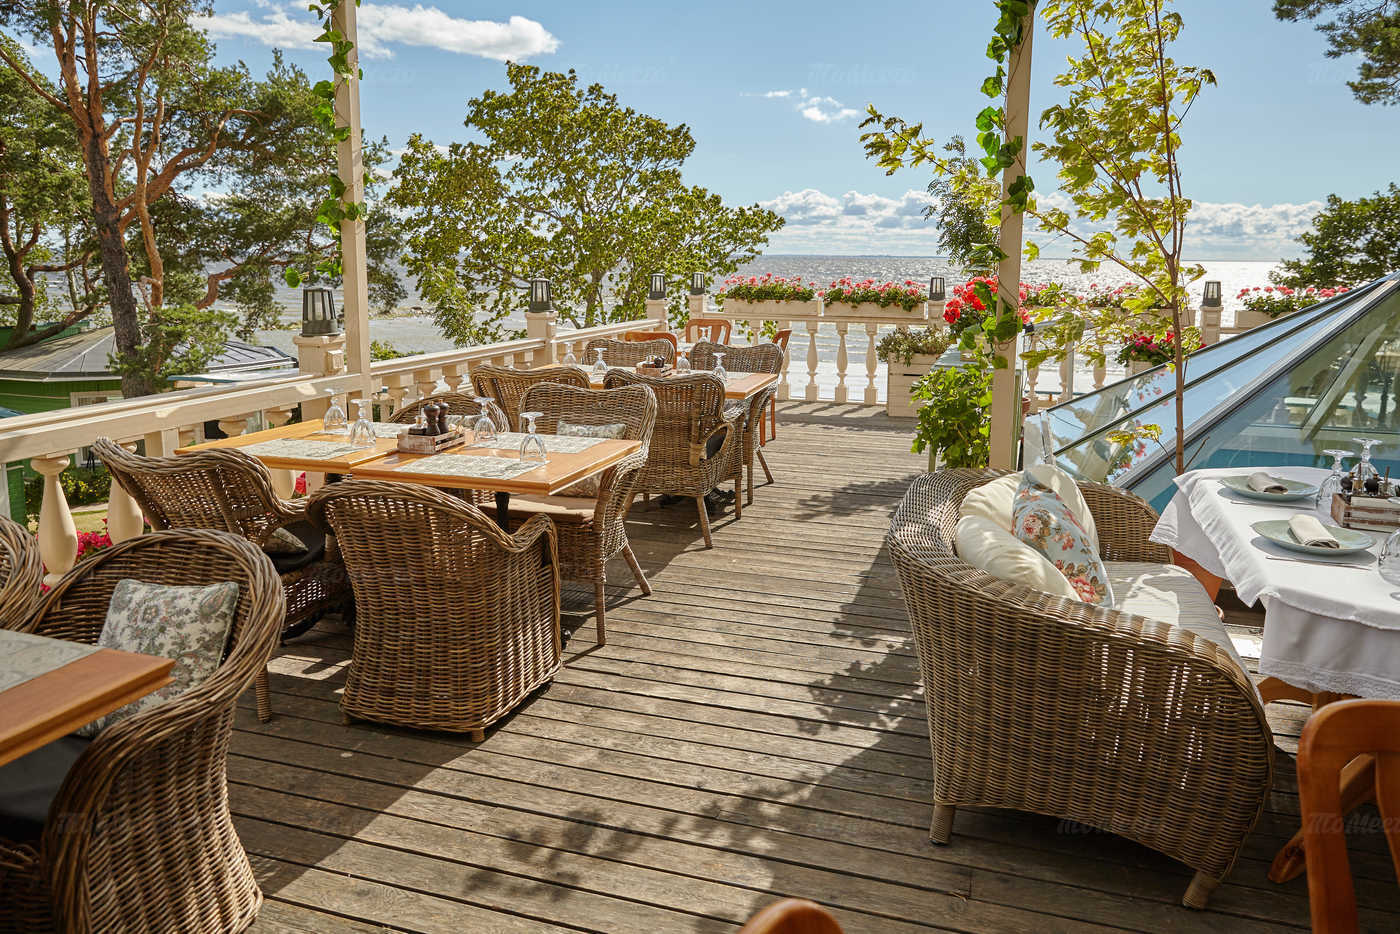 Меню ресторана Наша Dacha (Наша Дача) на Приморском шоссе